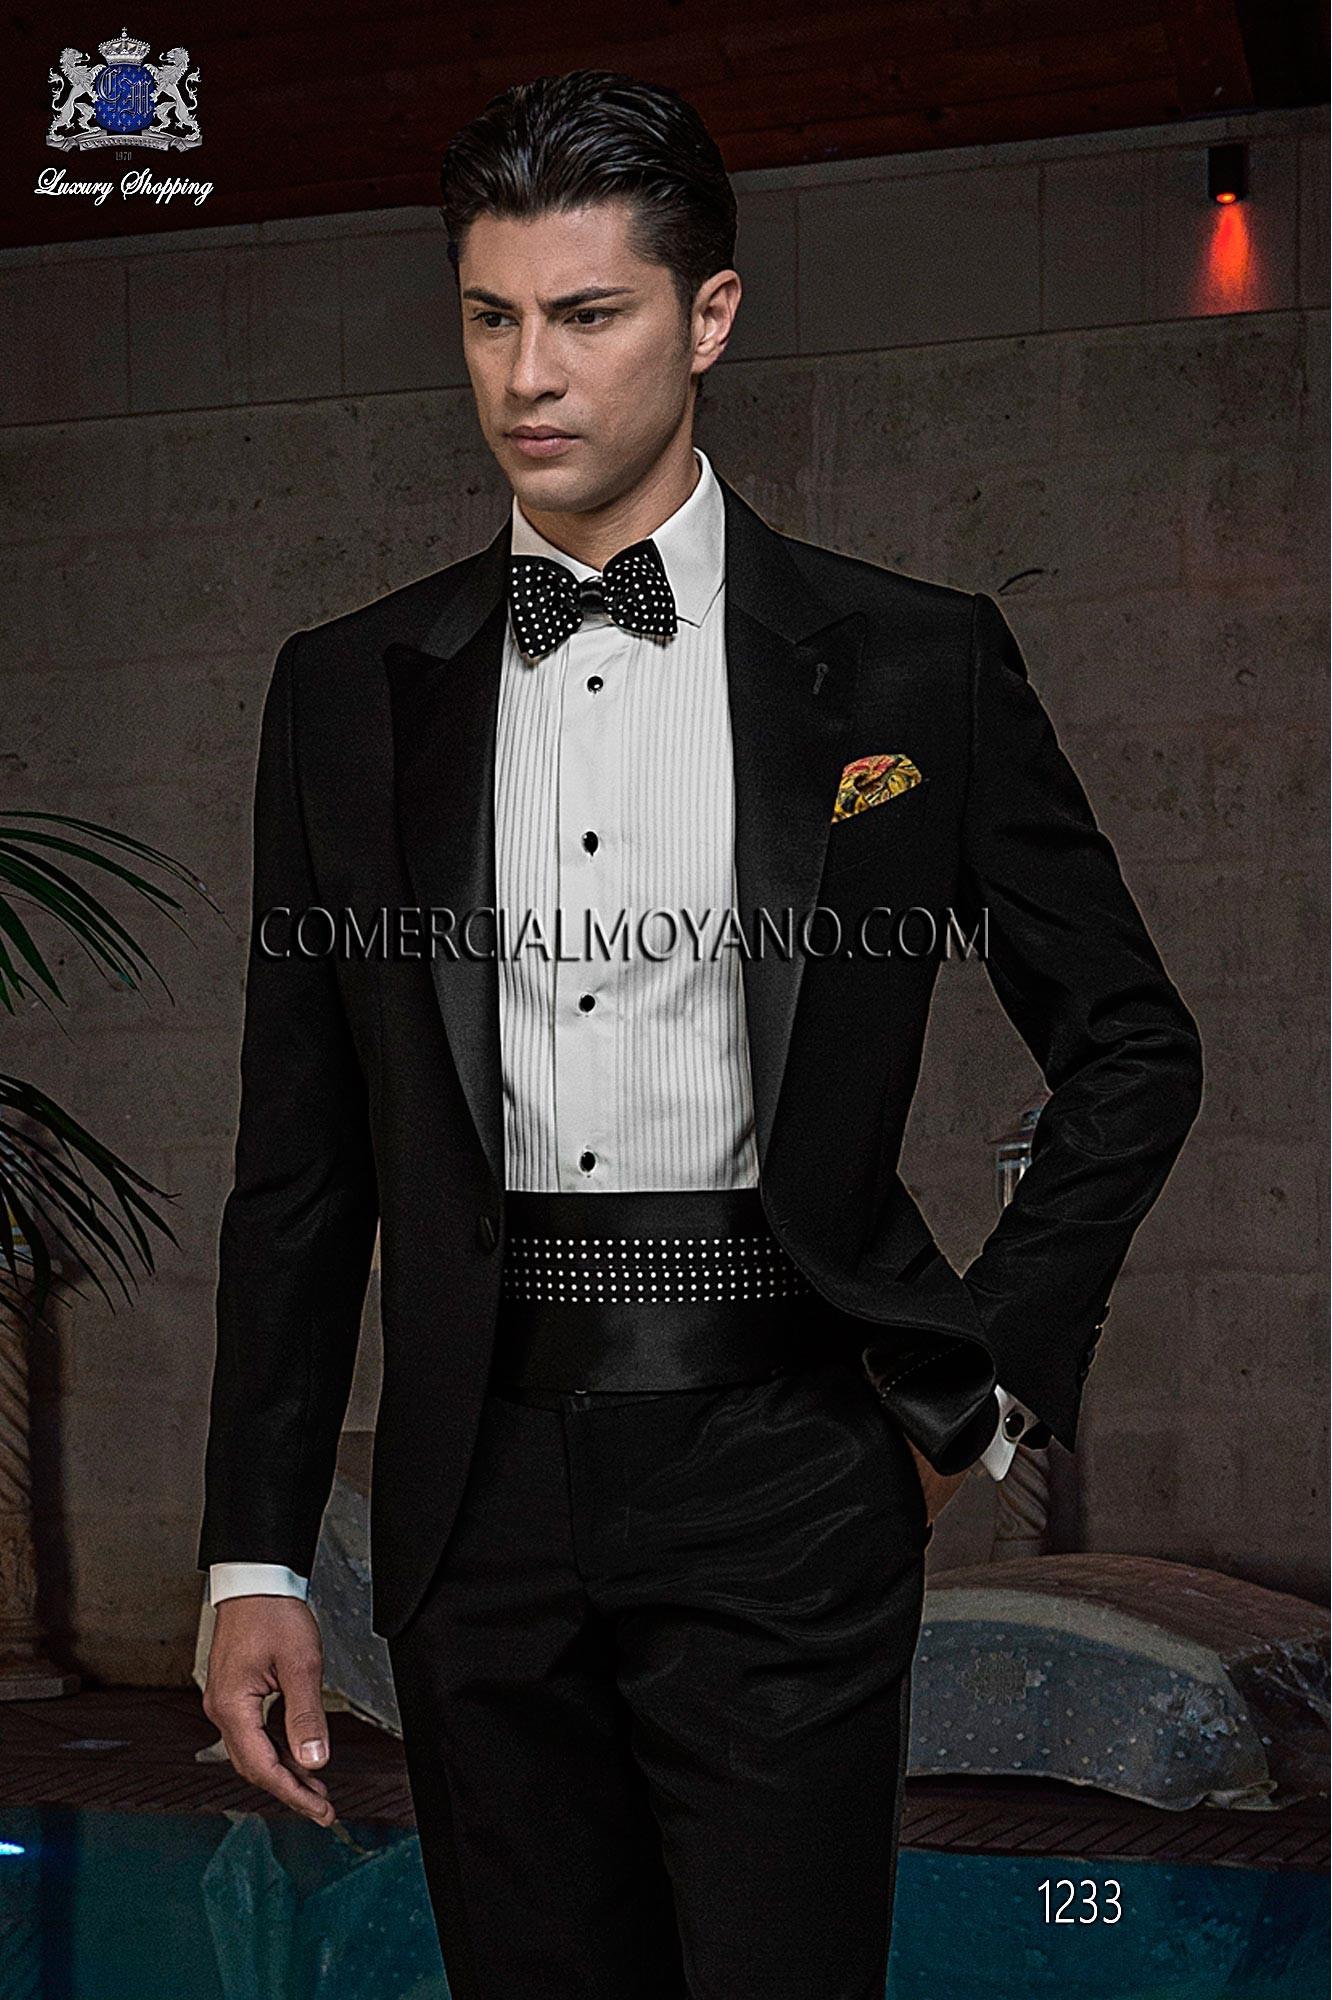 Traje BlackTie de novio negro modelo: 1233 Ottavio Nuccio Gala colección Black Tie